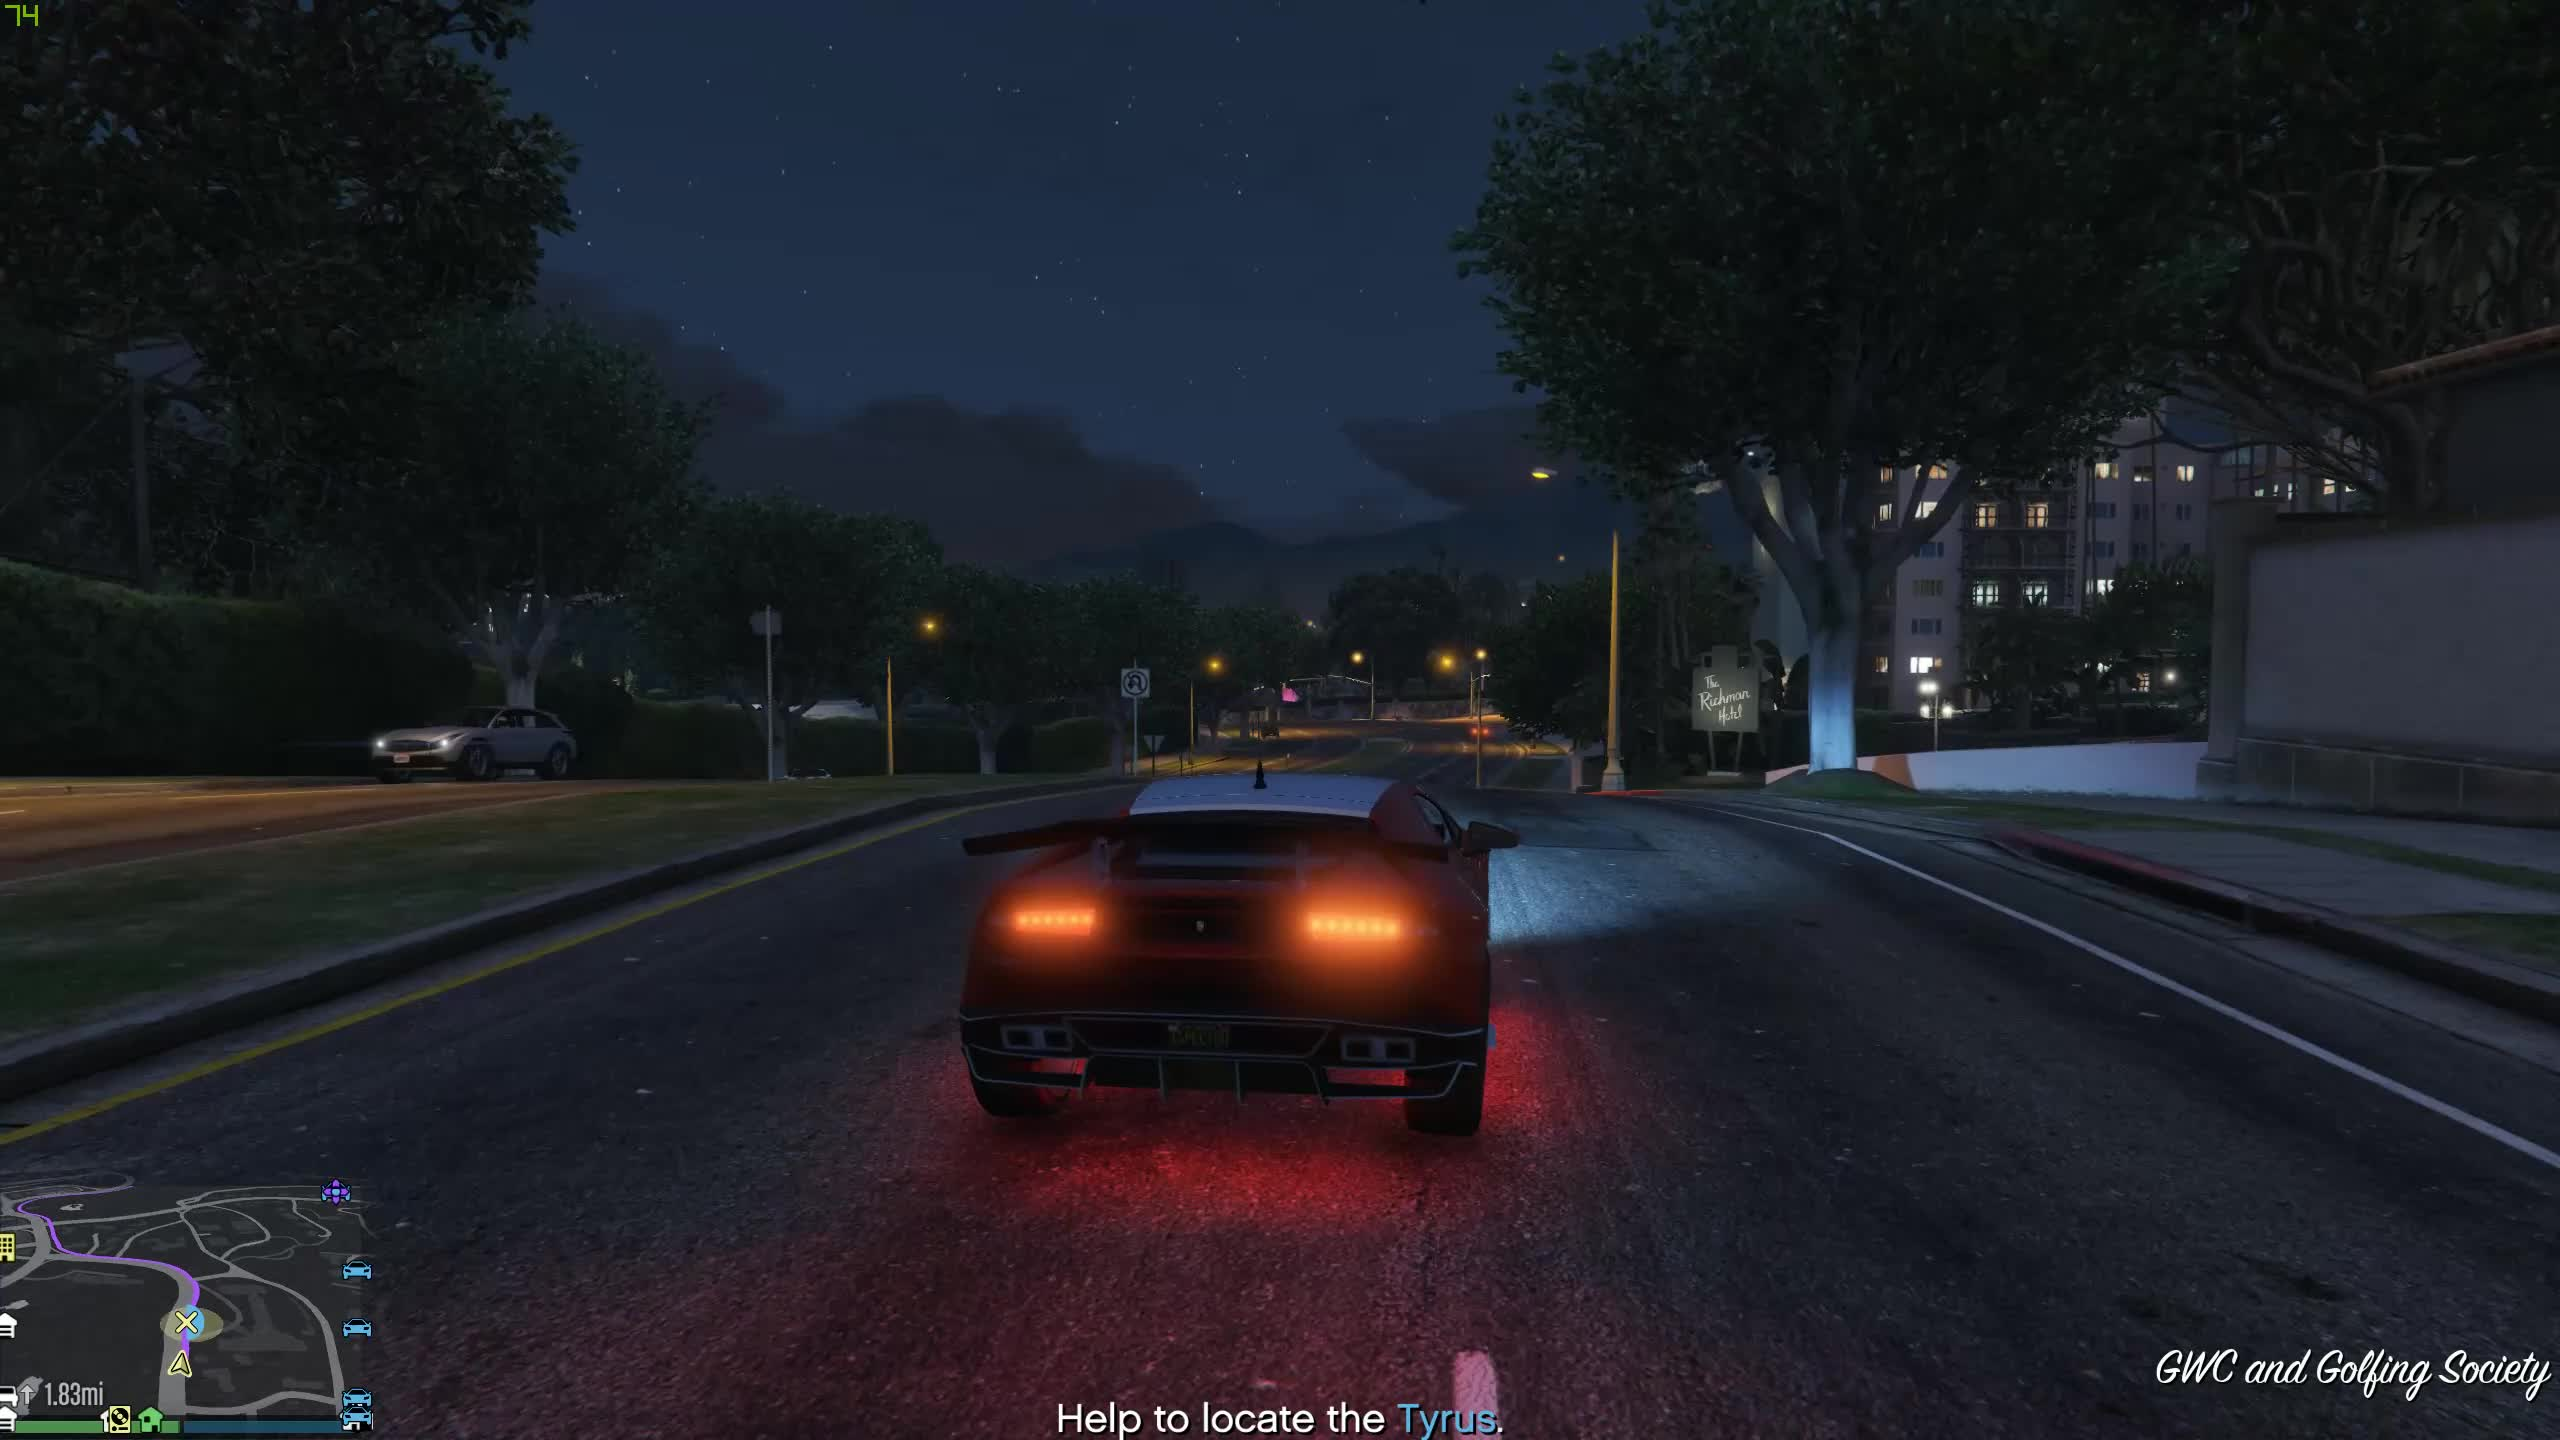 grandtheftautov, Grand Theft Auto V 2019.07.22 - 20.21.07.02.DVR Trim GIFs